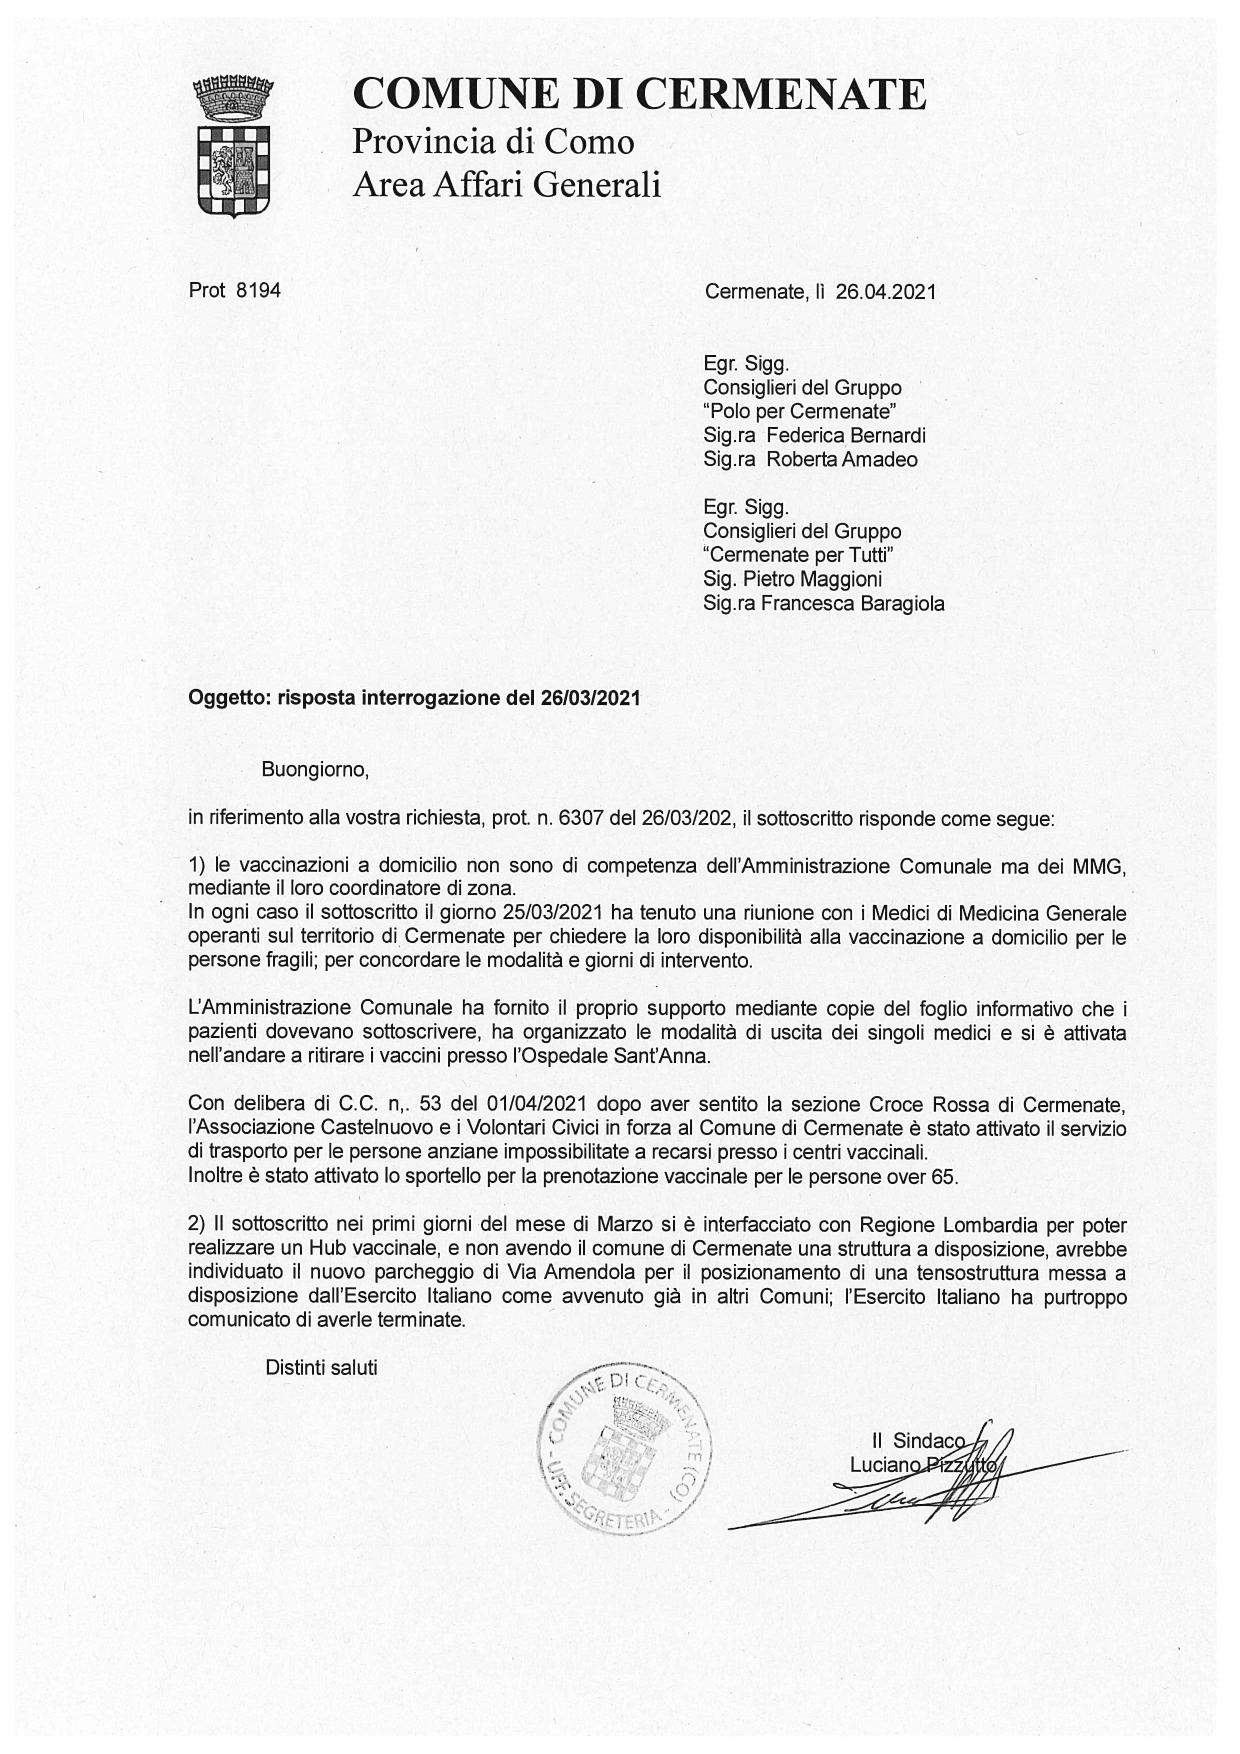 Cermenate: la risposta del Sindaco all'interrogazione sui vaccini del 26 Marzo 2021